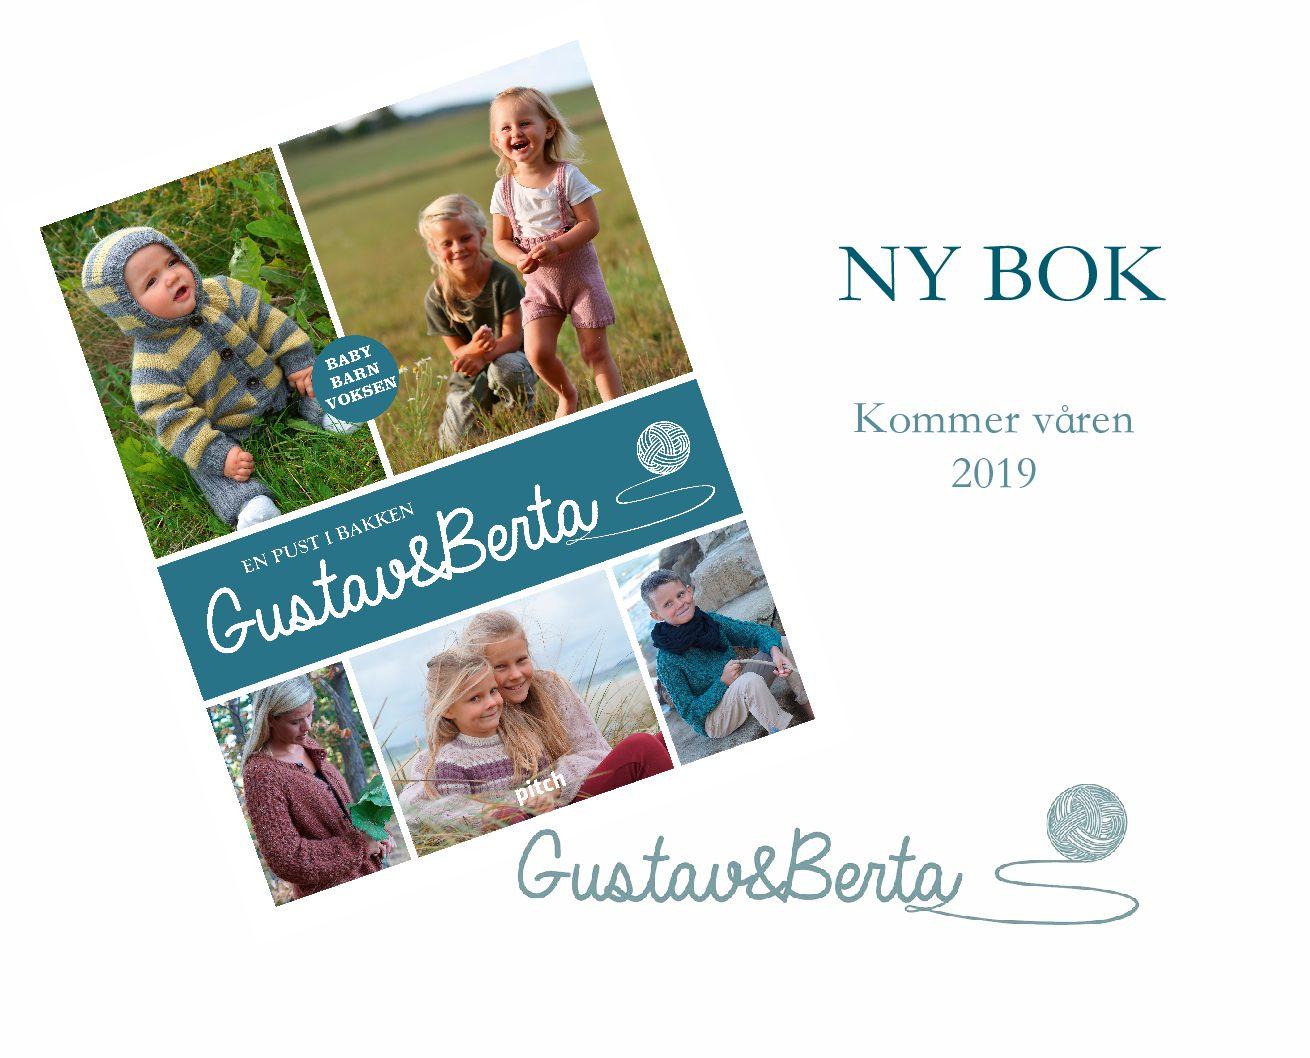 En pust i bakken med Gustav&Berta